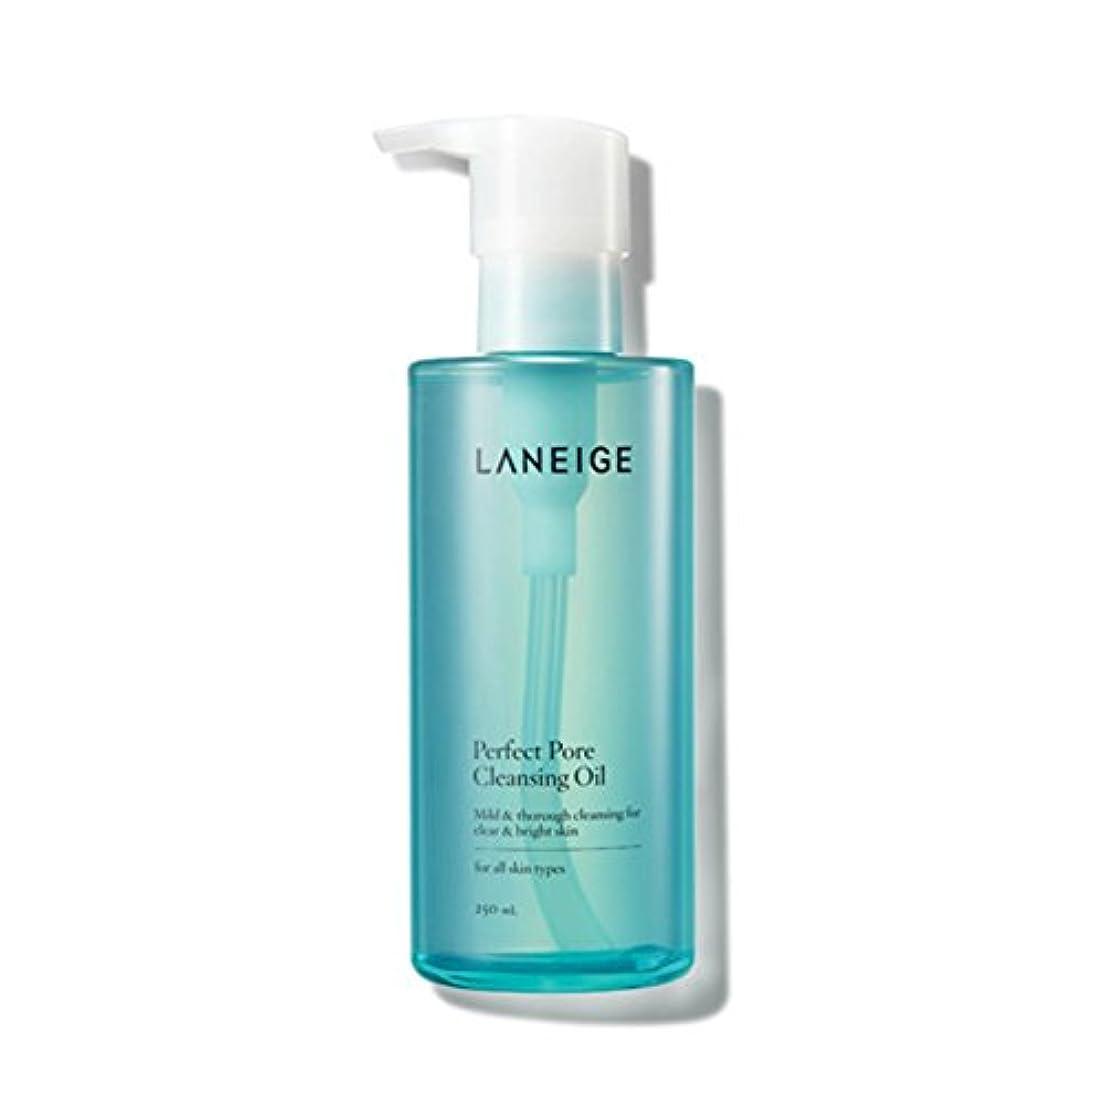 [ラネージュ/ LANEIGE] ラネージュ パーフェクトポア クレンジングオイル 250ml/ Perfect Pore Cleansing Oil +[Sample Gift](海外直送品)